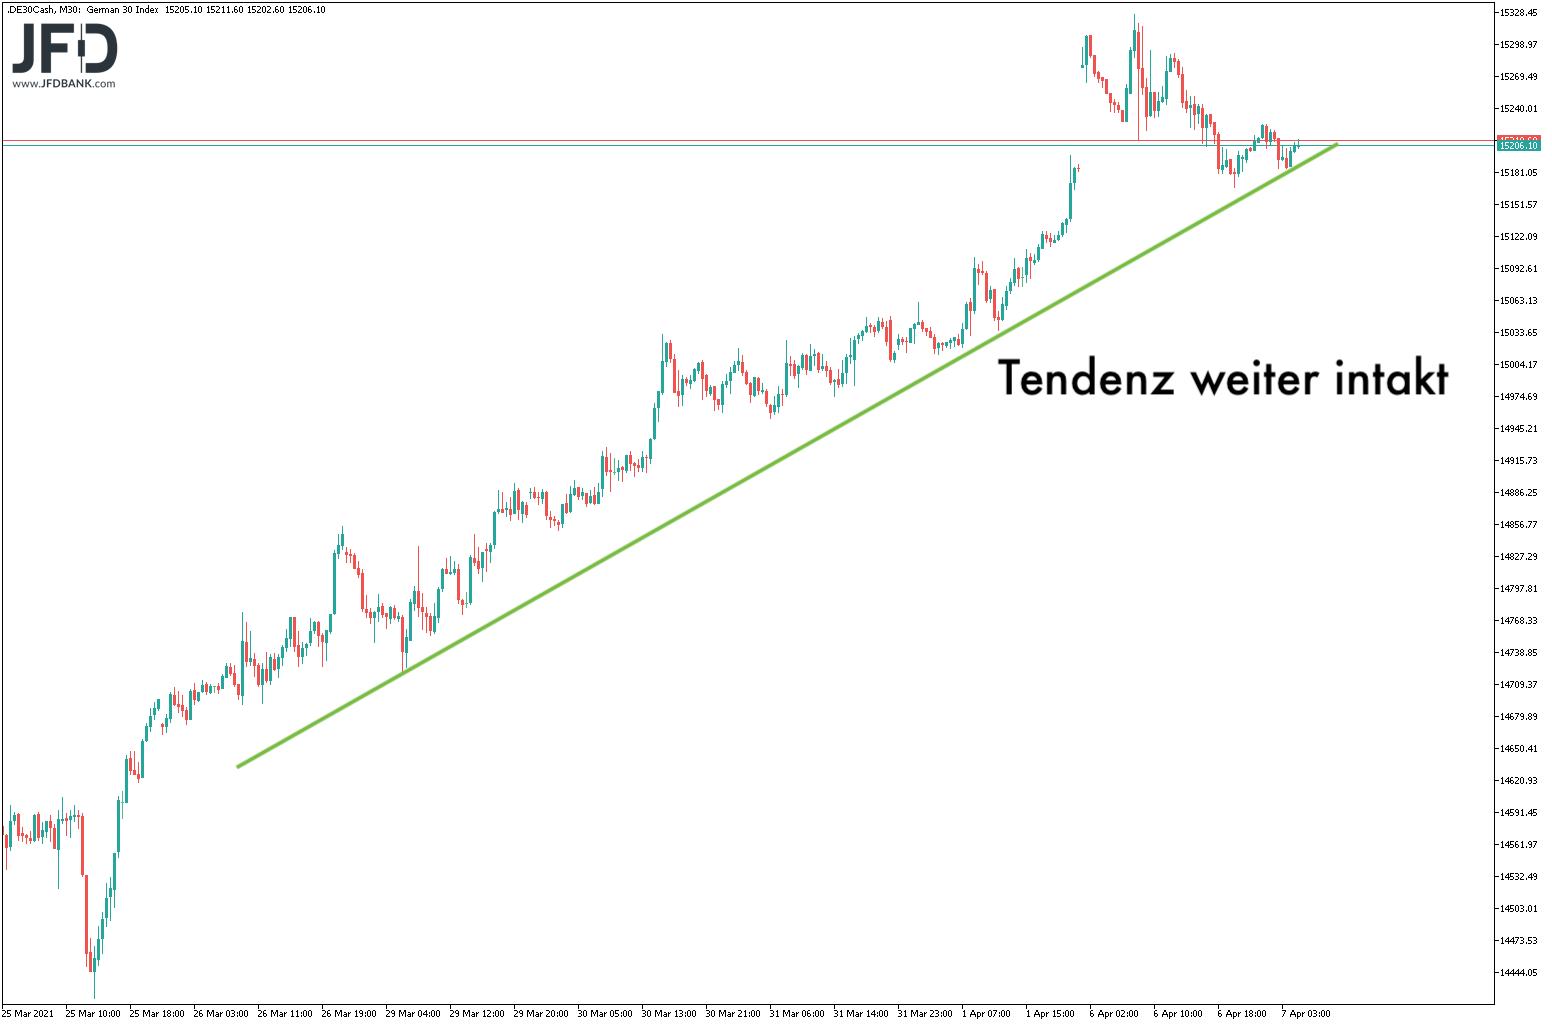 Mittelfristiger DAX-Trend